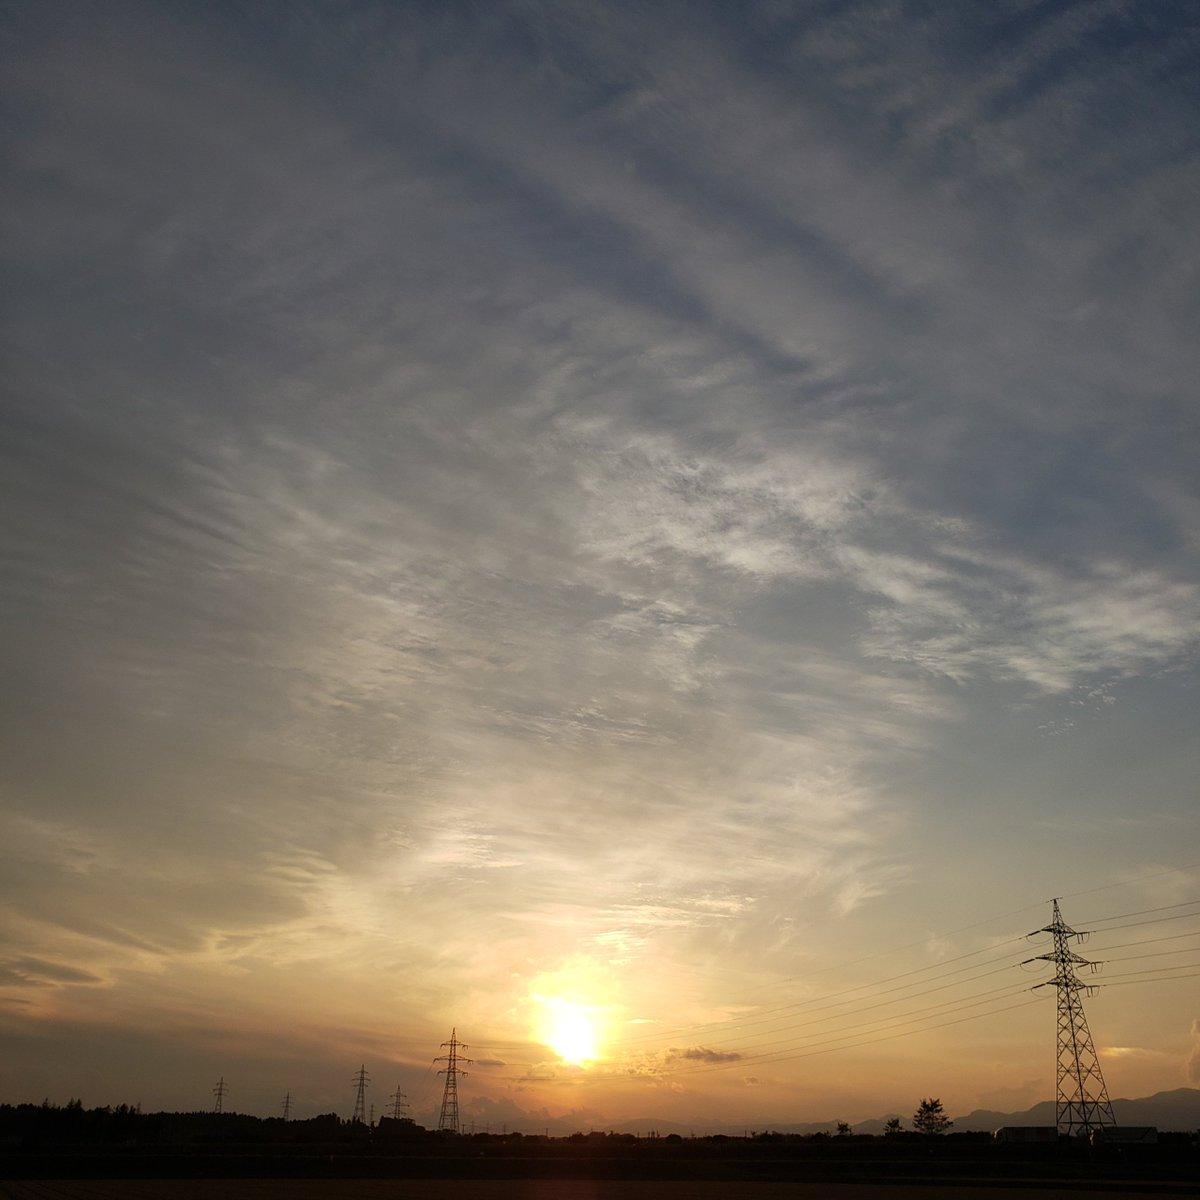 夕陽 何とか間に合った~🎵  お疲れ様でーす😊🍀 #イマソラ   #空が好き #空がある風景 #空  #スマホ写真 #癒し https://t.co/eESDXqkOv3